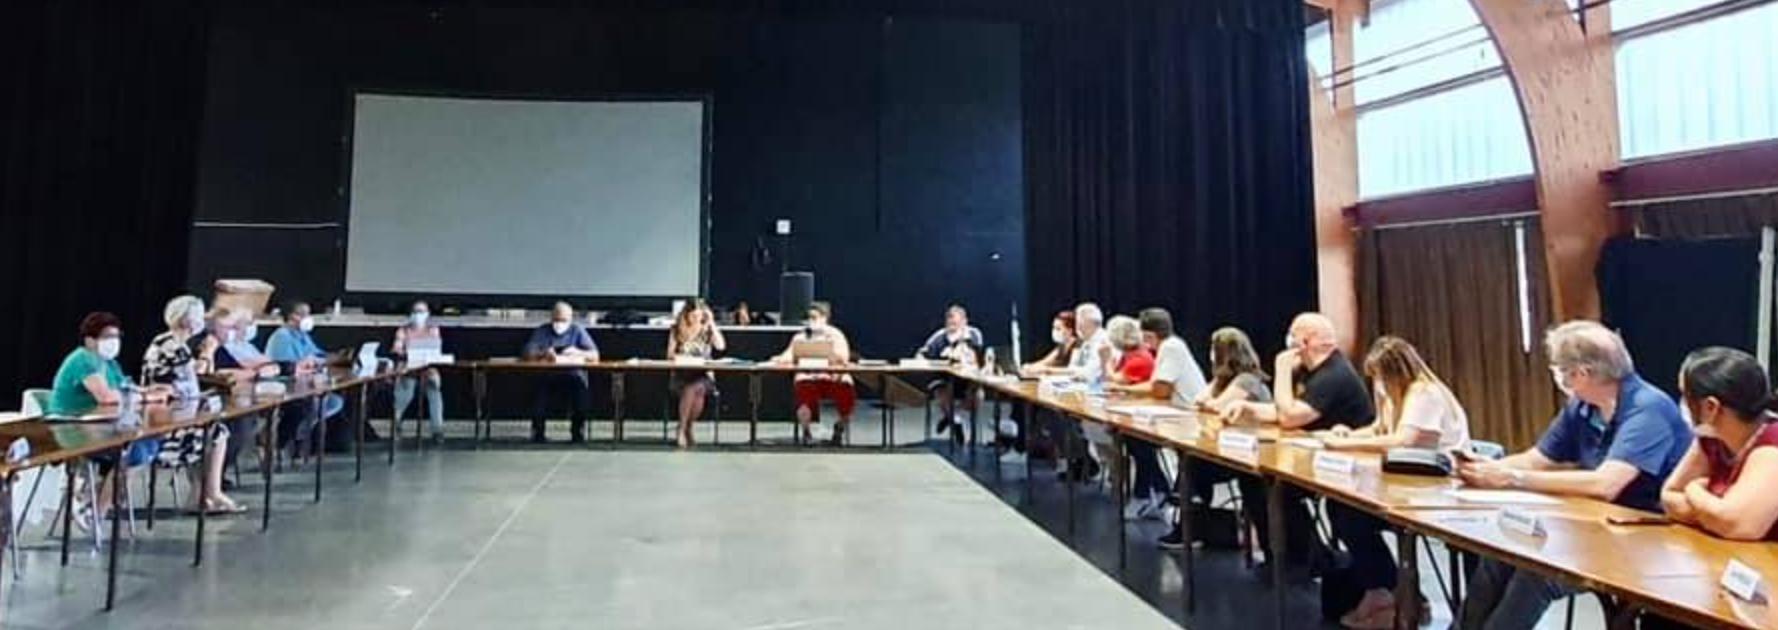 Image de couverture - Conseil municipal renageois du mardi 29 juin 2021